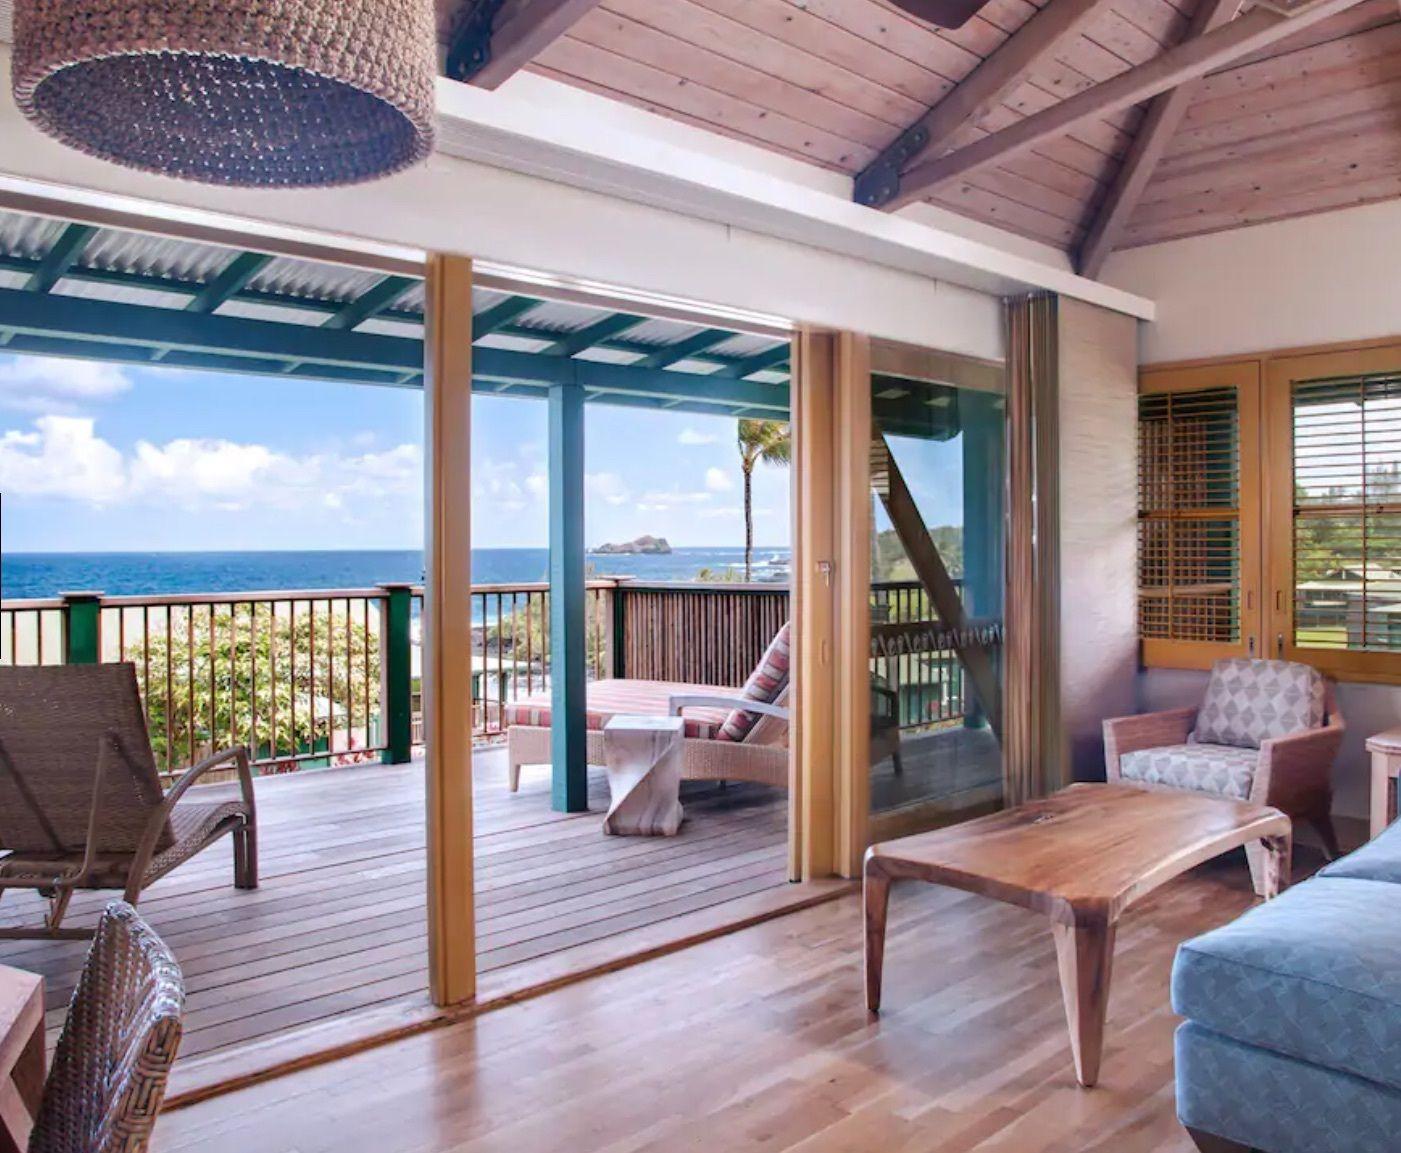 Hotel Hana Maui interior